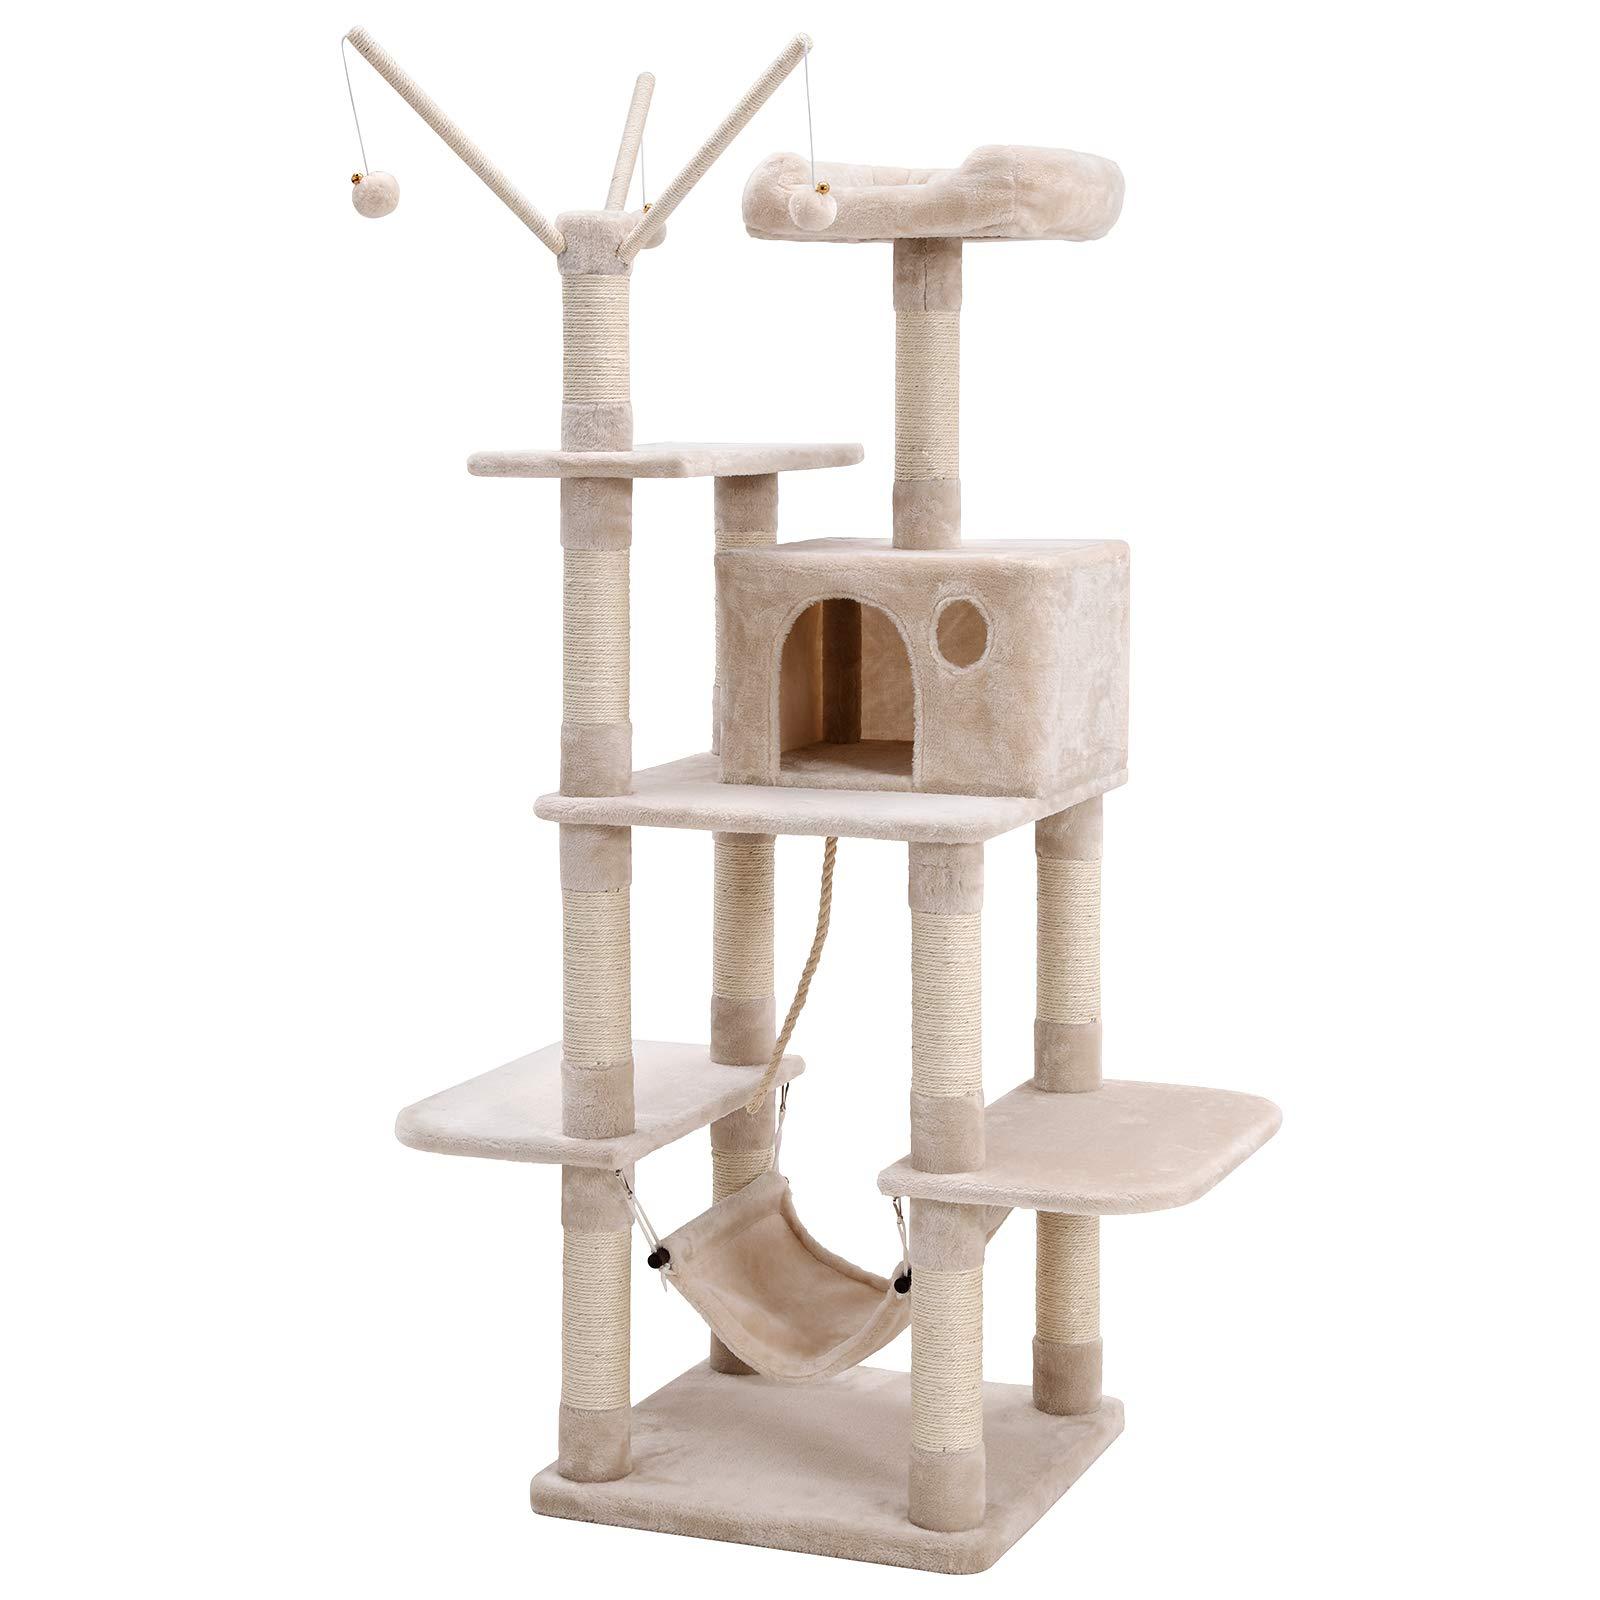 FEANDREA Árbol para Gatos, Rascador con Nidos, Hamaca, Plataformas y Bolas de Juego, 154 cm, Colores Opcionales, Beige PCT86M